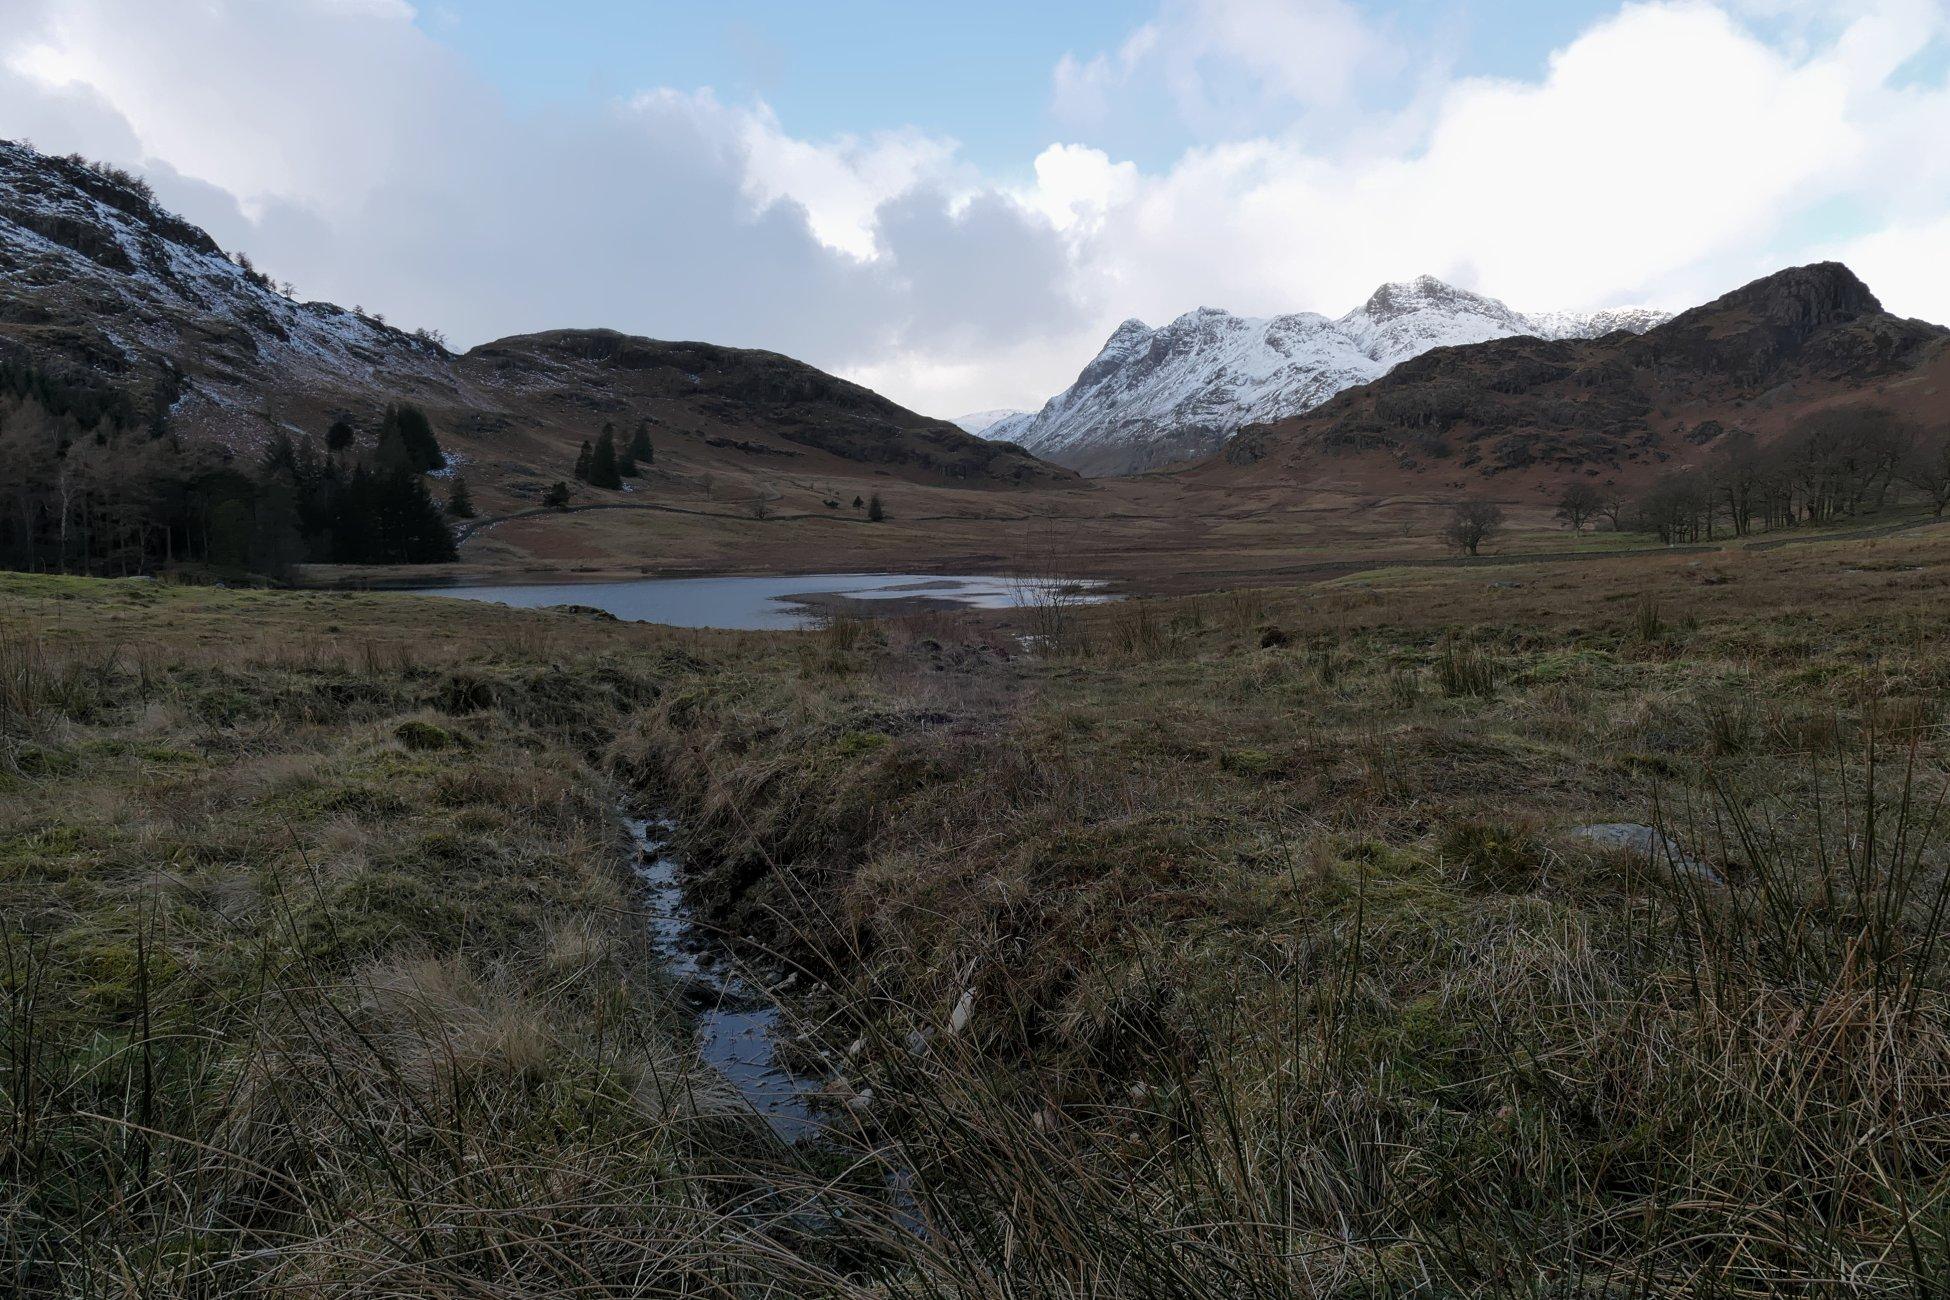 Blea Tarn, Langdales, Cumbria